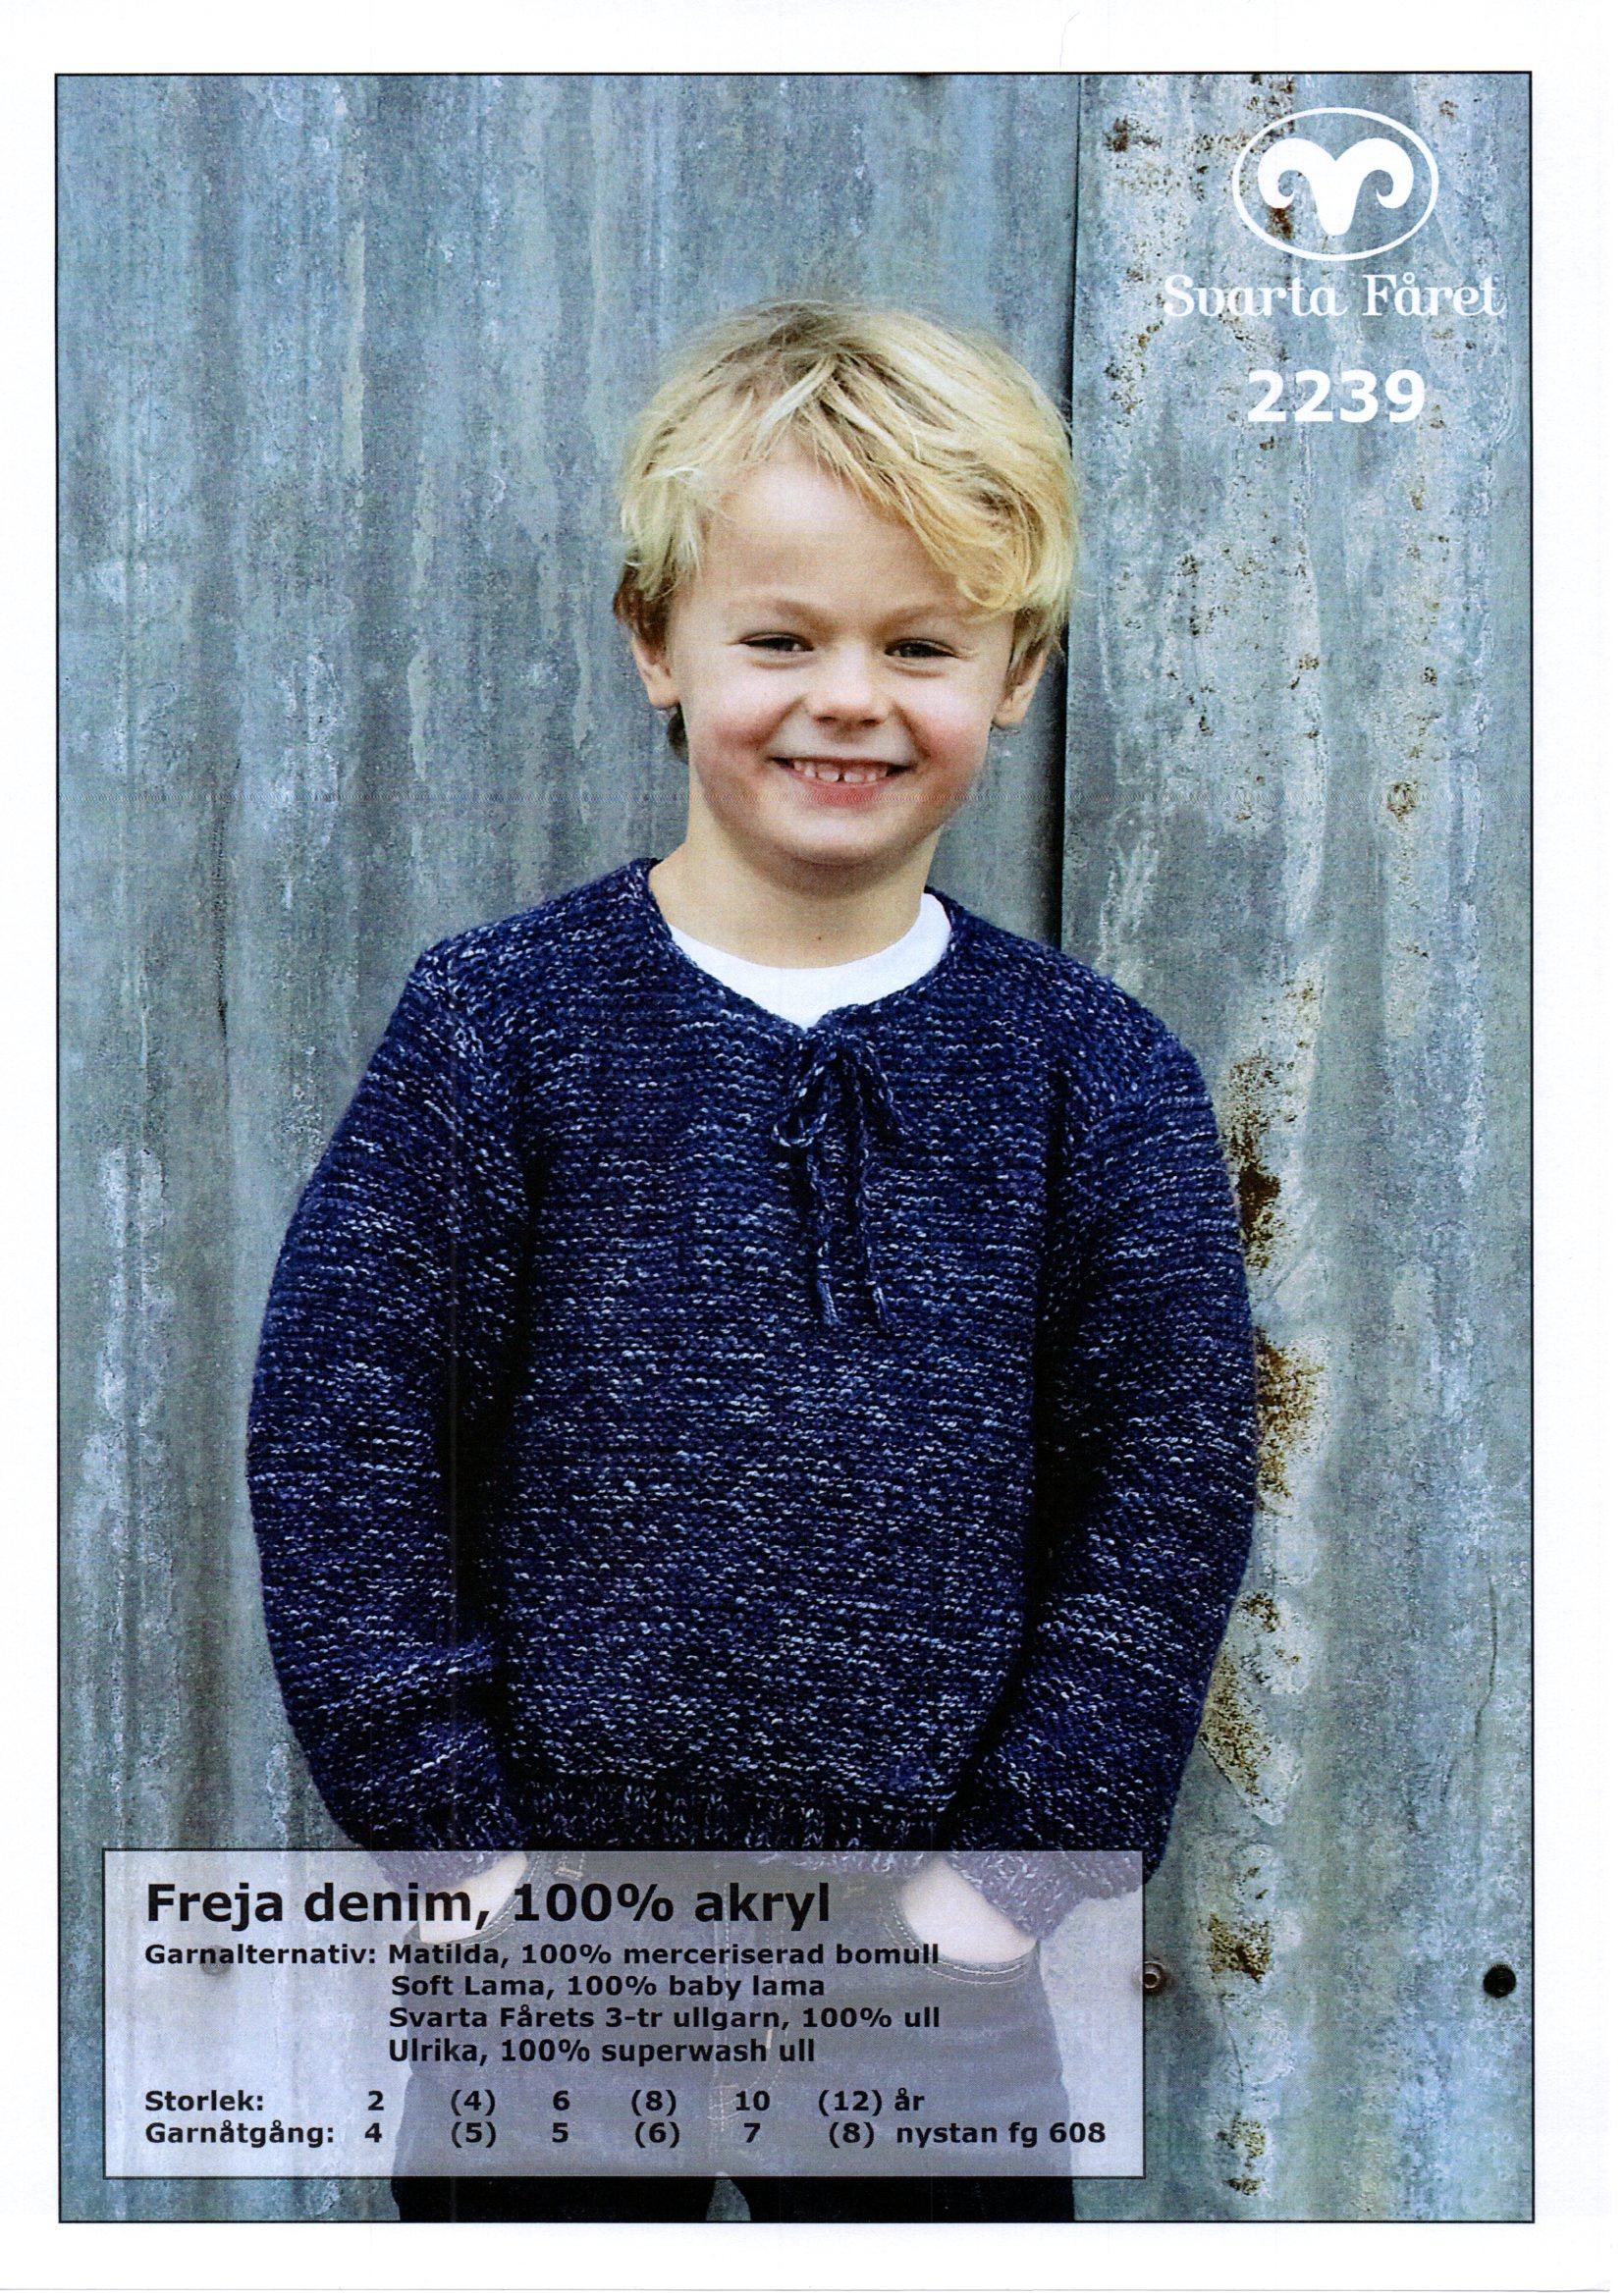 Svarta Fåret,Freja,100%Akryl Barn, Rätstickad Barntröja 2239